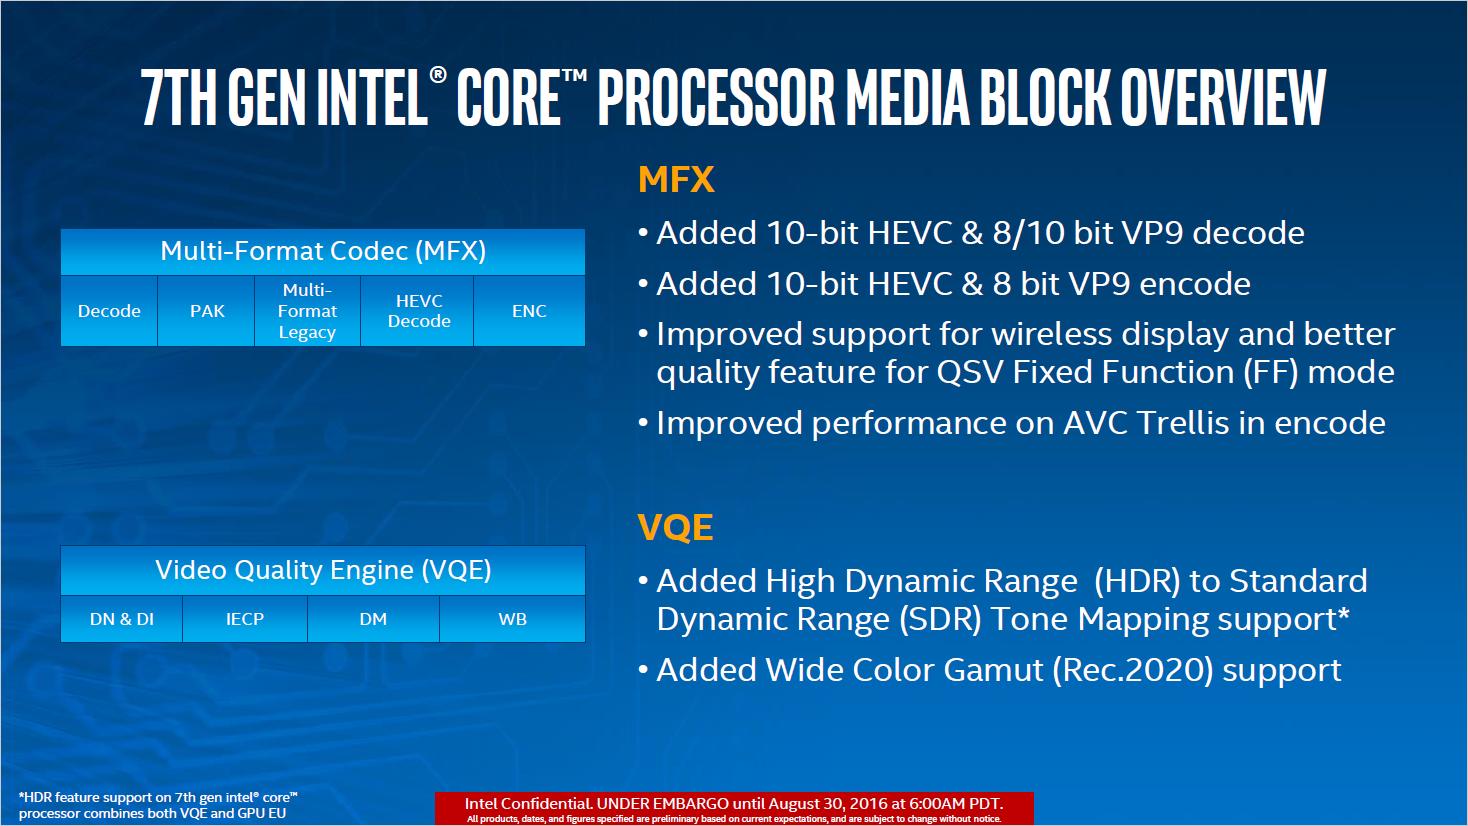 Kaby Lake: Intel stellt neue Chips für Mini-PCs und Ultrabooks vor - Kaby Lake beschleunigt H.265 und VP9 in Hardware. (Bild: Intel)